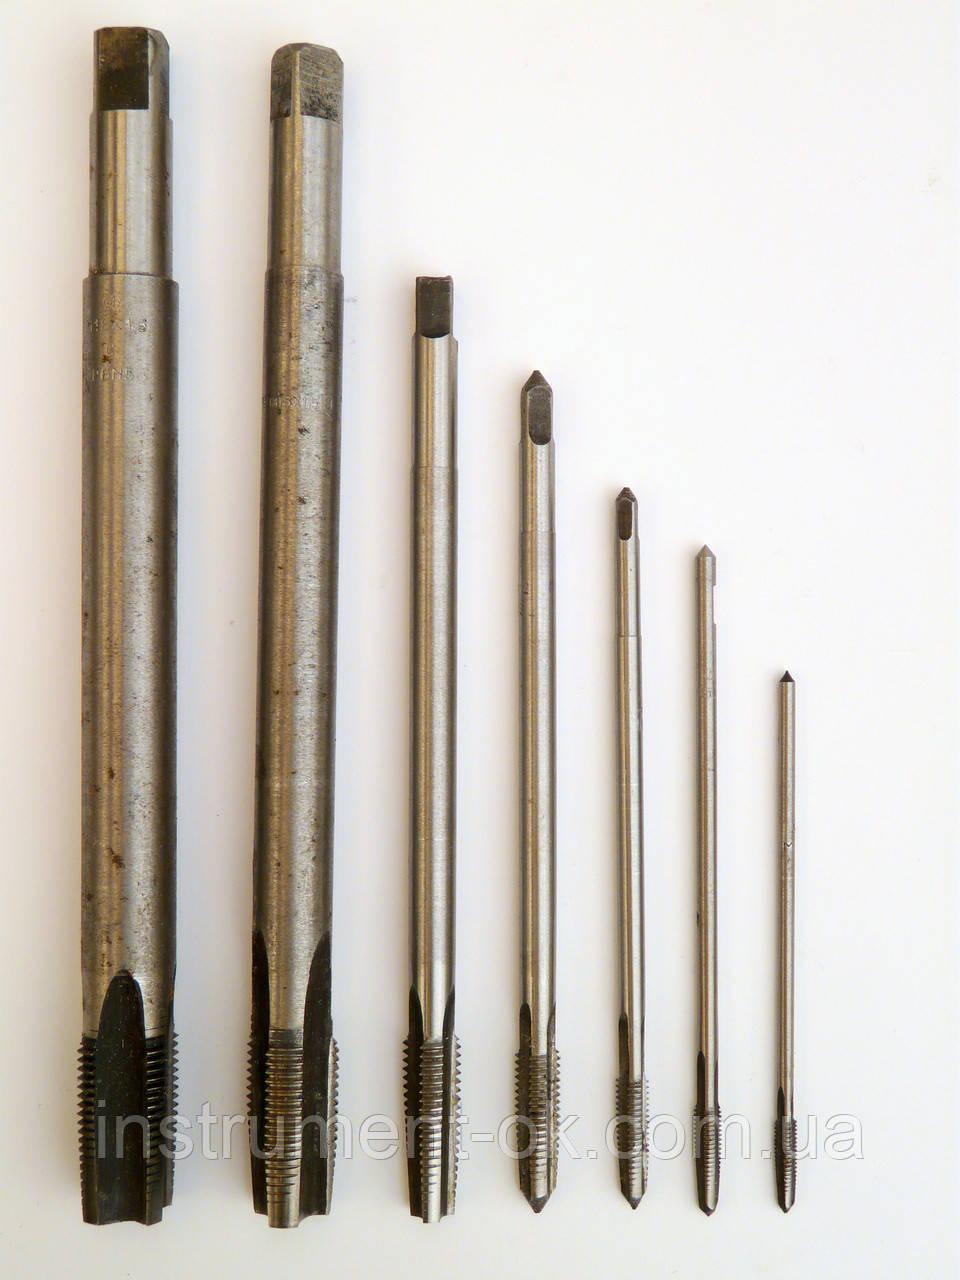 Метчик гаечный 12х1.75 мм